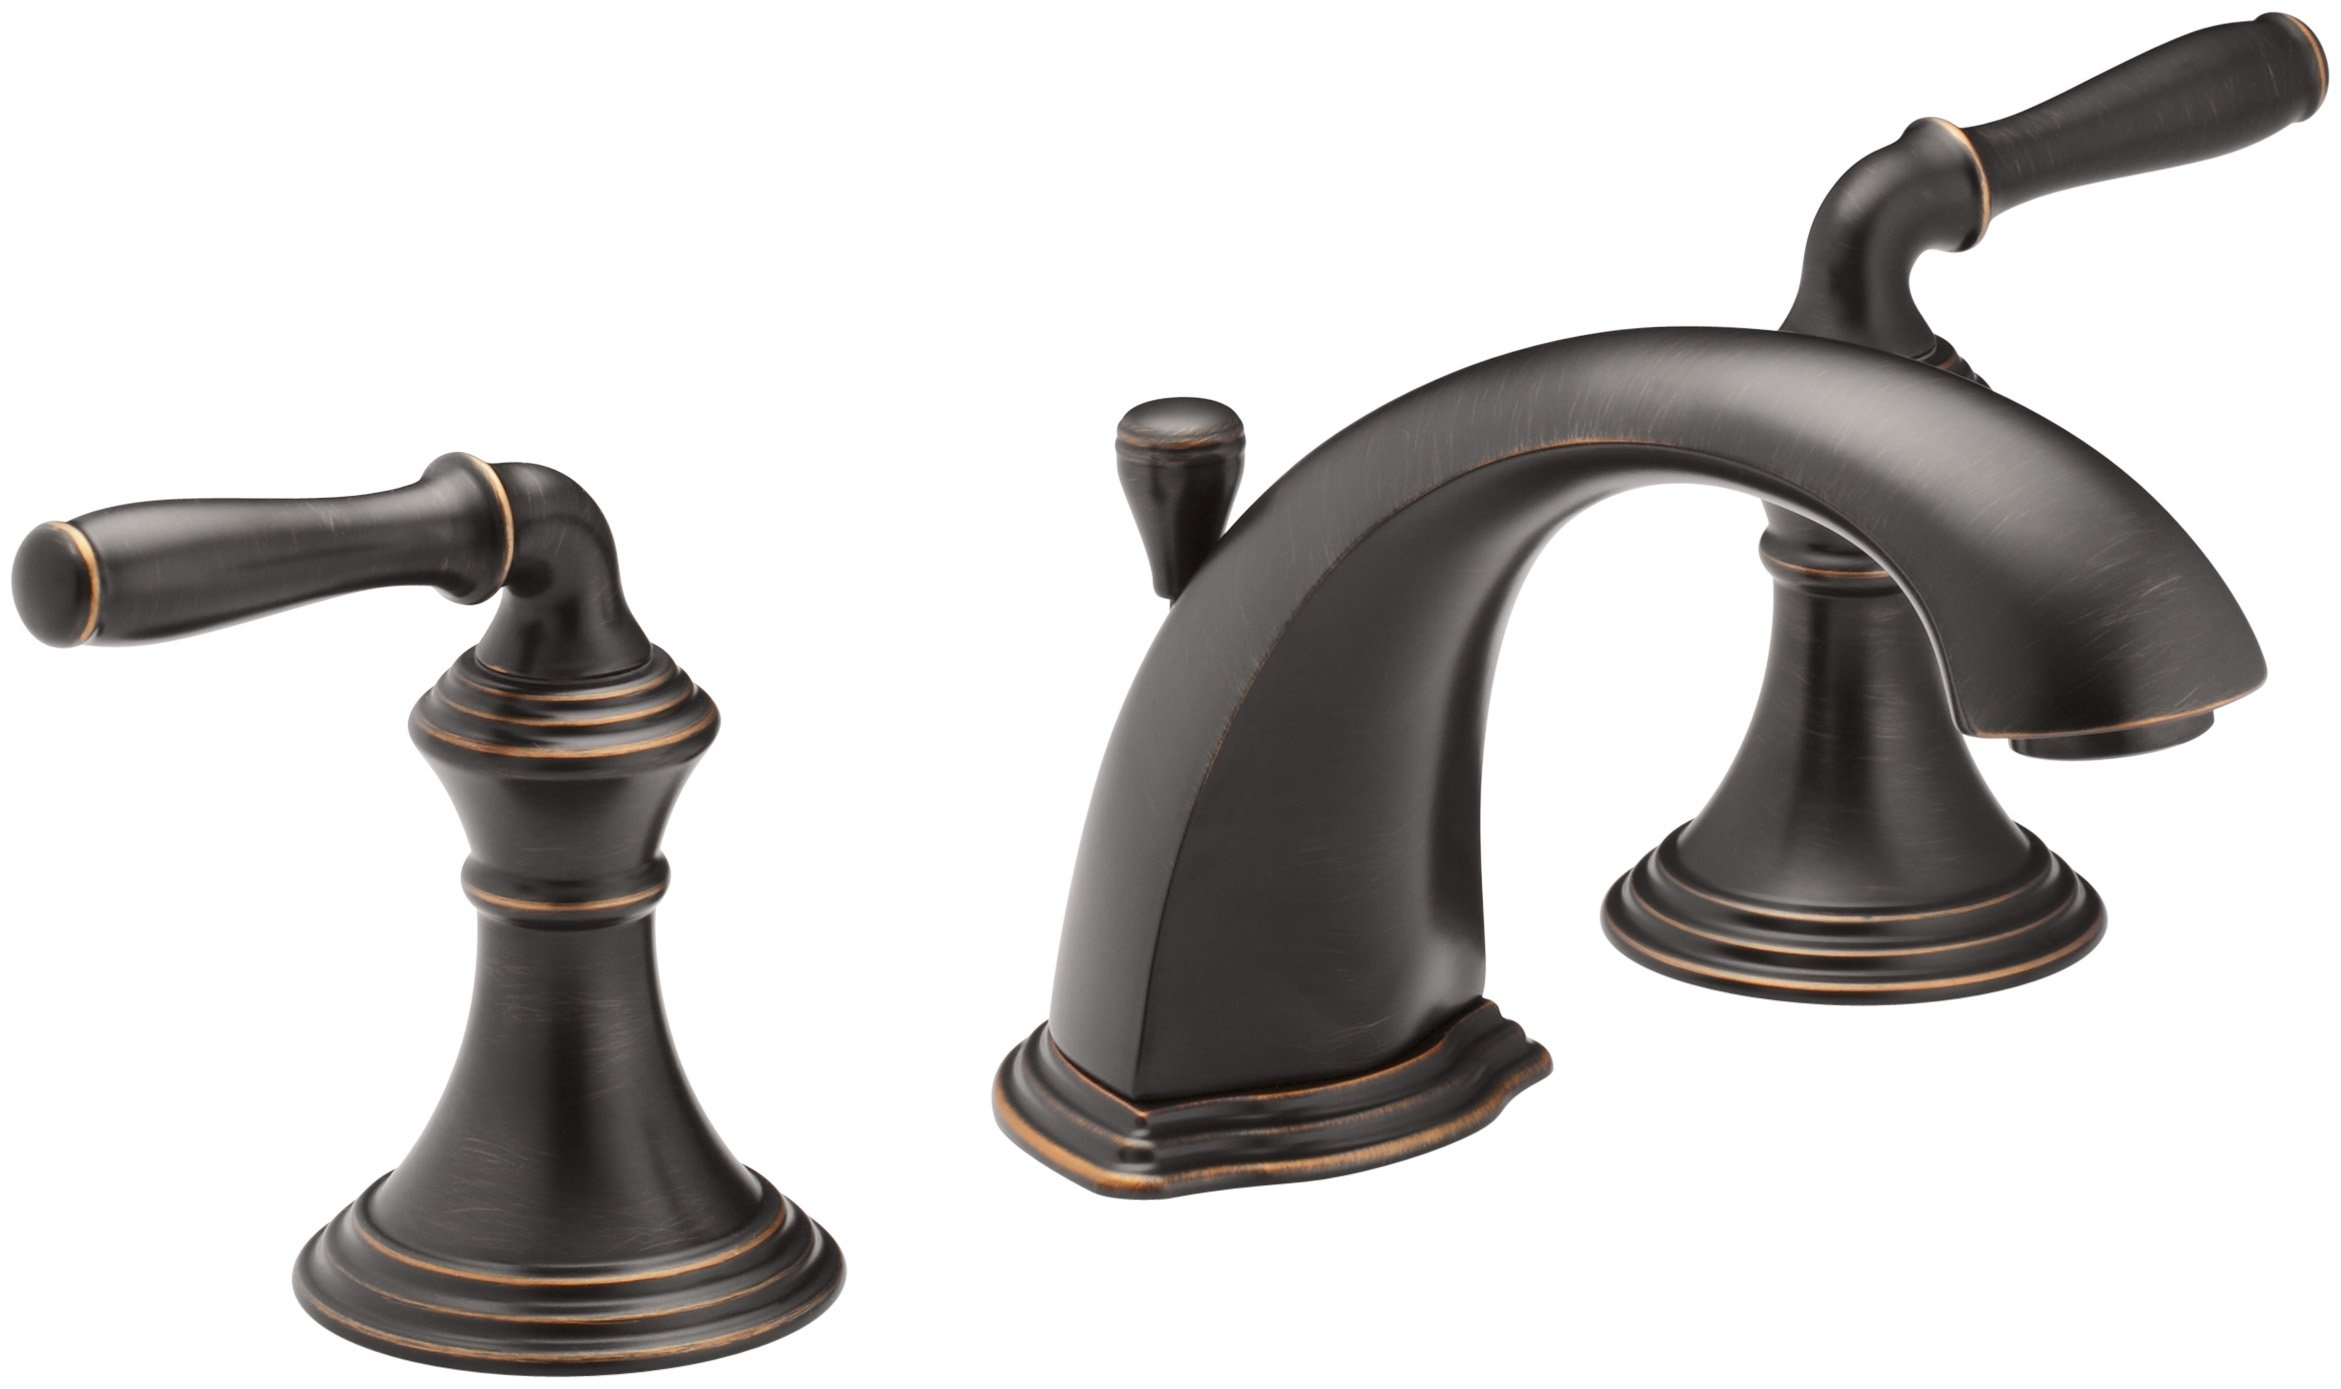 Kohler K-394-4-2BZ Devonshire Two-Handle Widespread Lavatory Faucet, Oil Rubbed Bronze